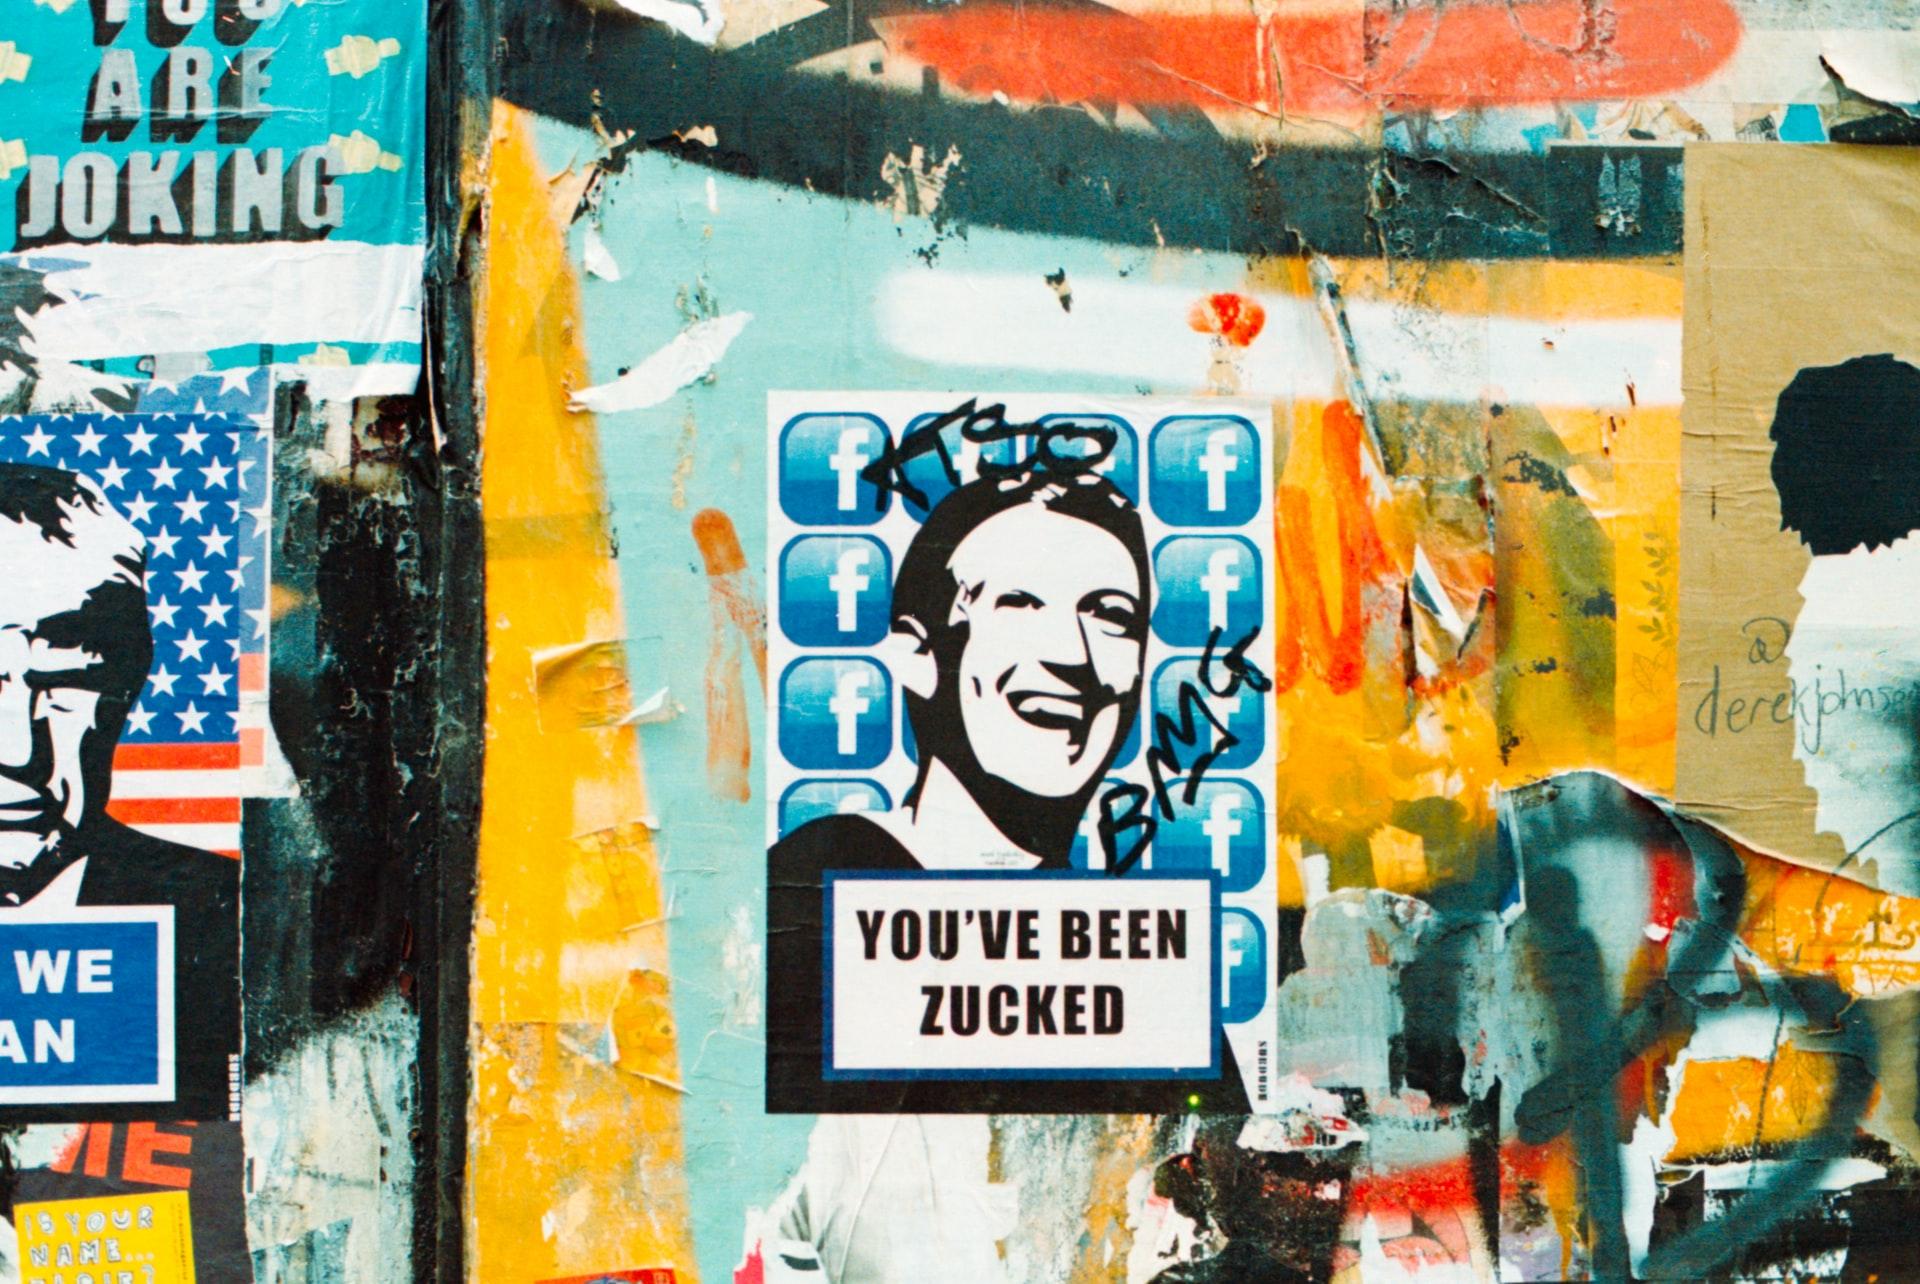 Minden illinois-i Facebook-felhasználó kap százezer forintot